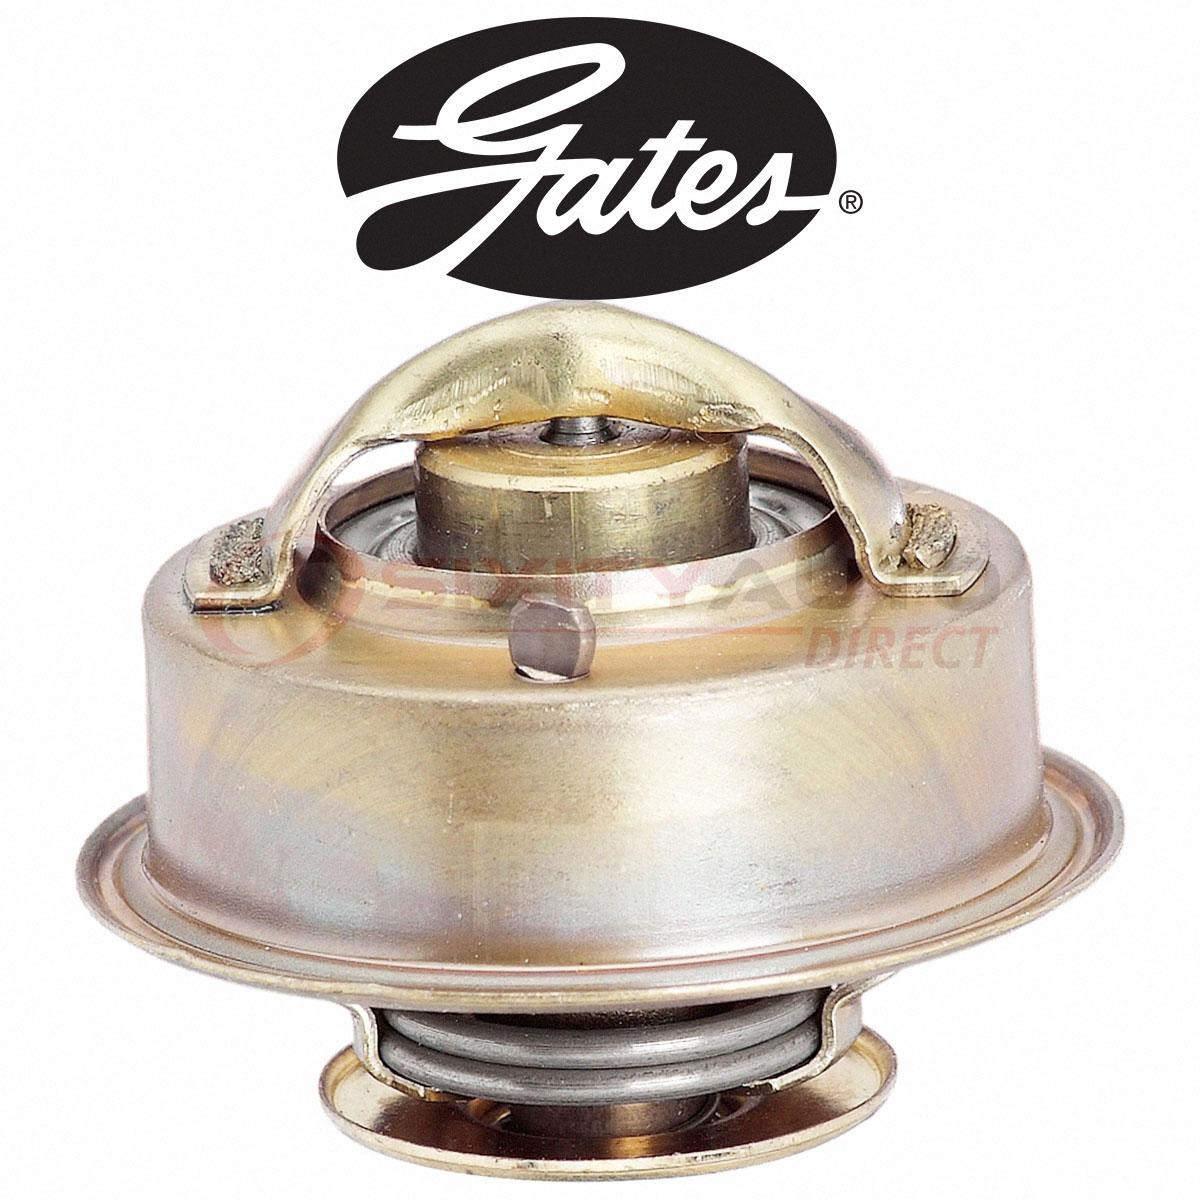 Gold Hose /& Stainless Banjos Pro Braking PBK2832-GLD-SIL Front//Rear Braided Brake Line